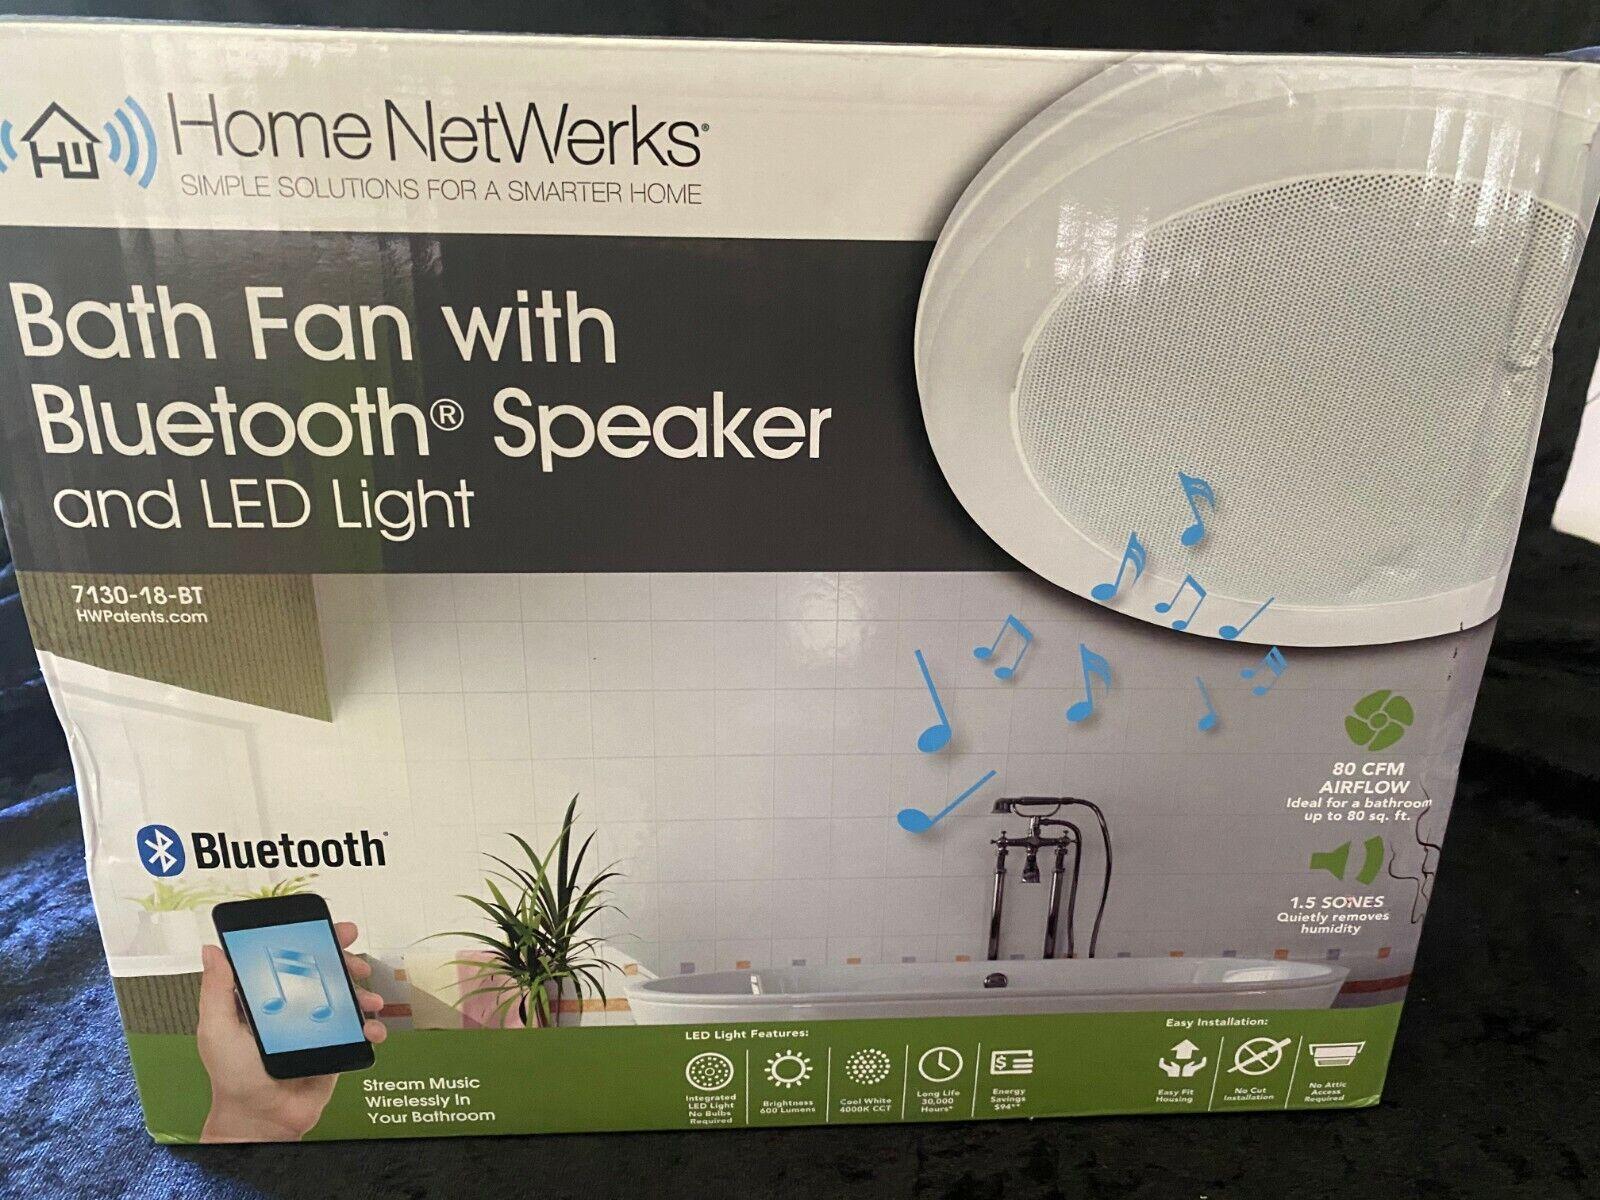 White 70 Cfm Bluetooth Stereo Speaker Exhaust Bathroom Exhaust Fan Led Light For Sale Online Ebay